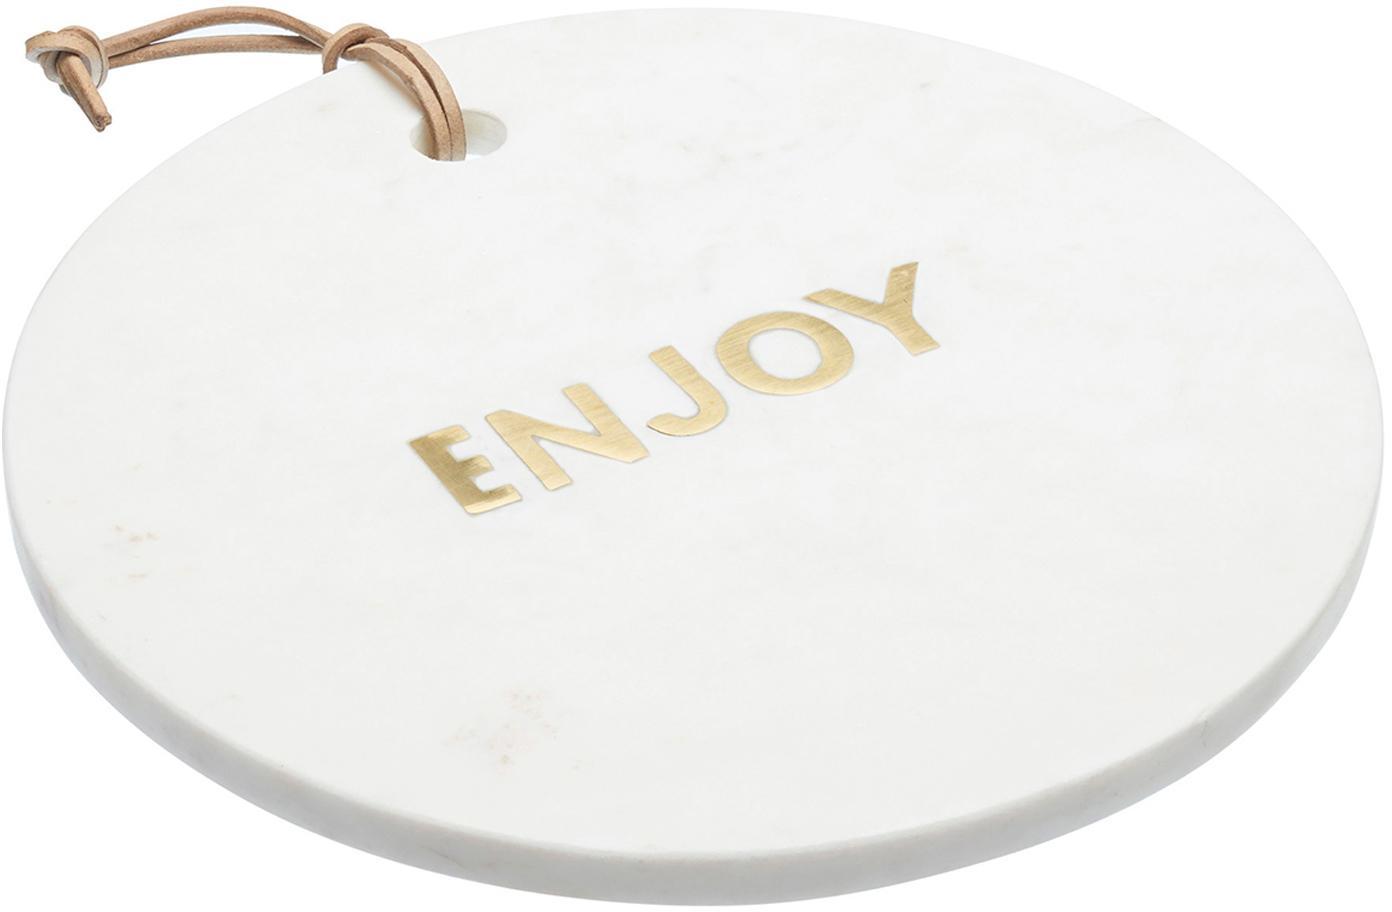 Fuente de mármol Artesa, Mármol, Blanco, dorado, Ø 26 cm